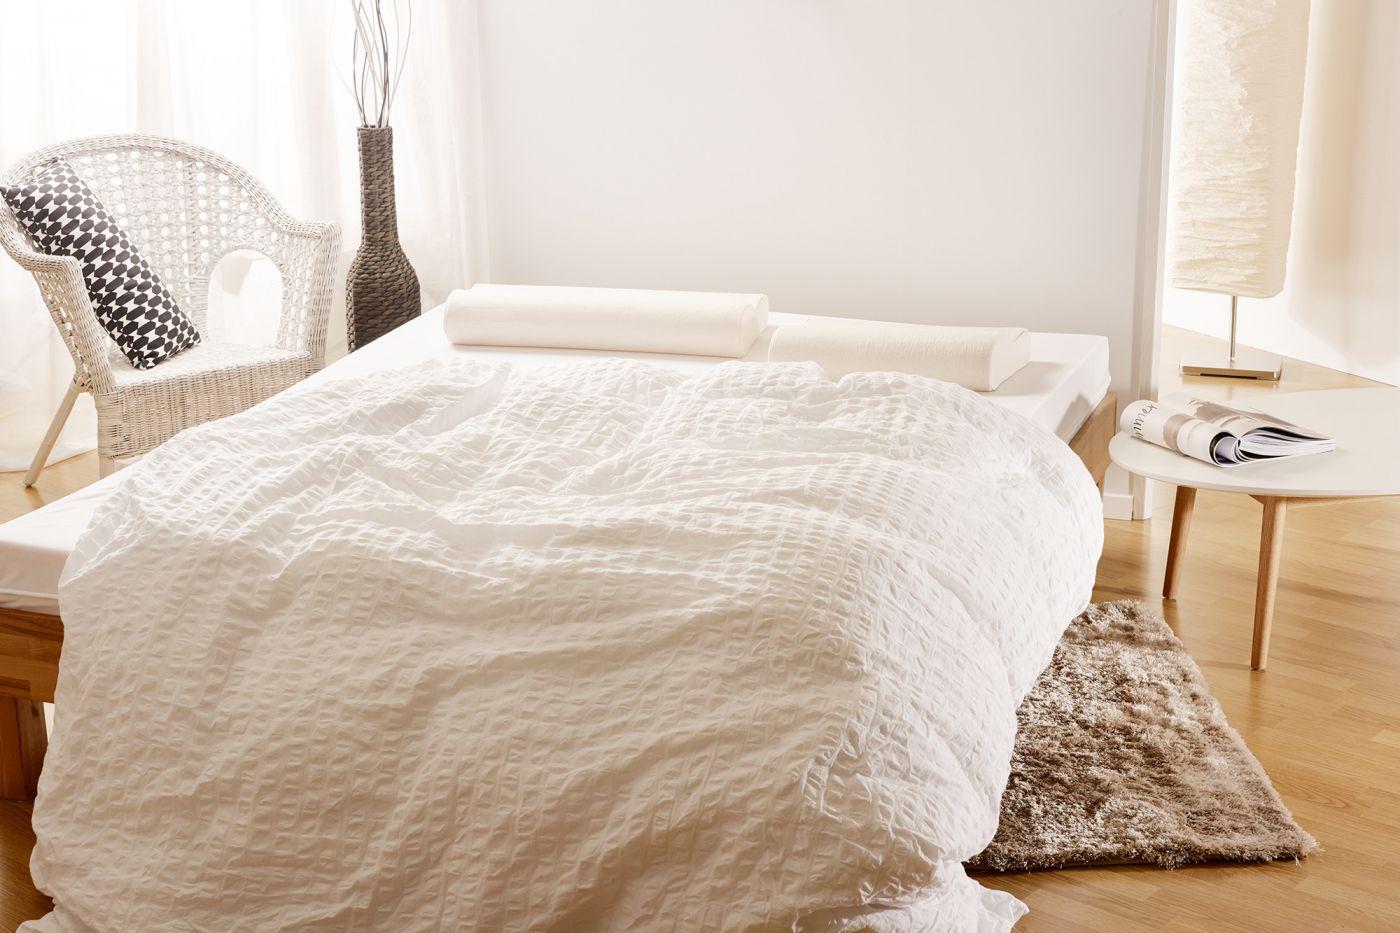 home elsa schweiz ag. Black Bedroom Furniture Sets. Home Design Ideas